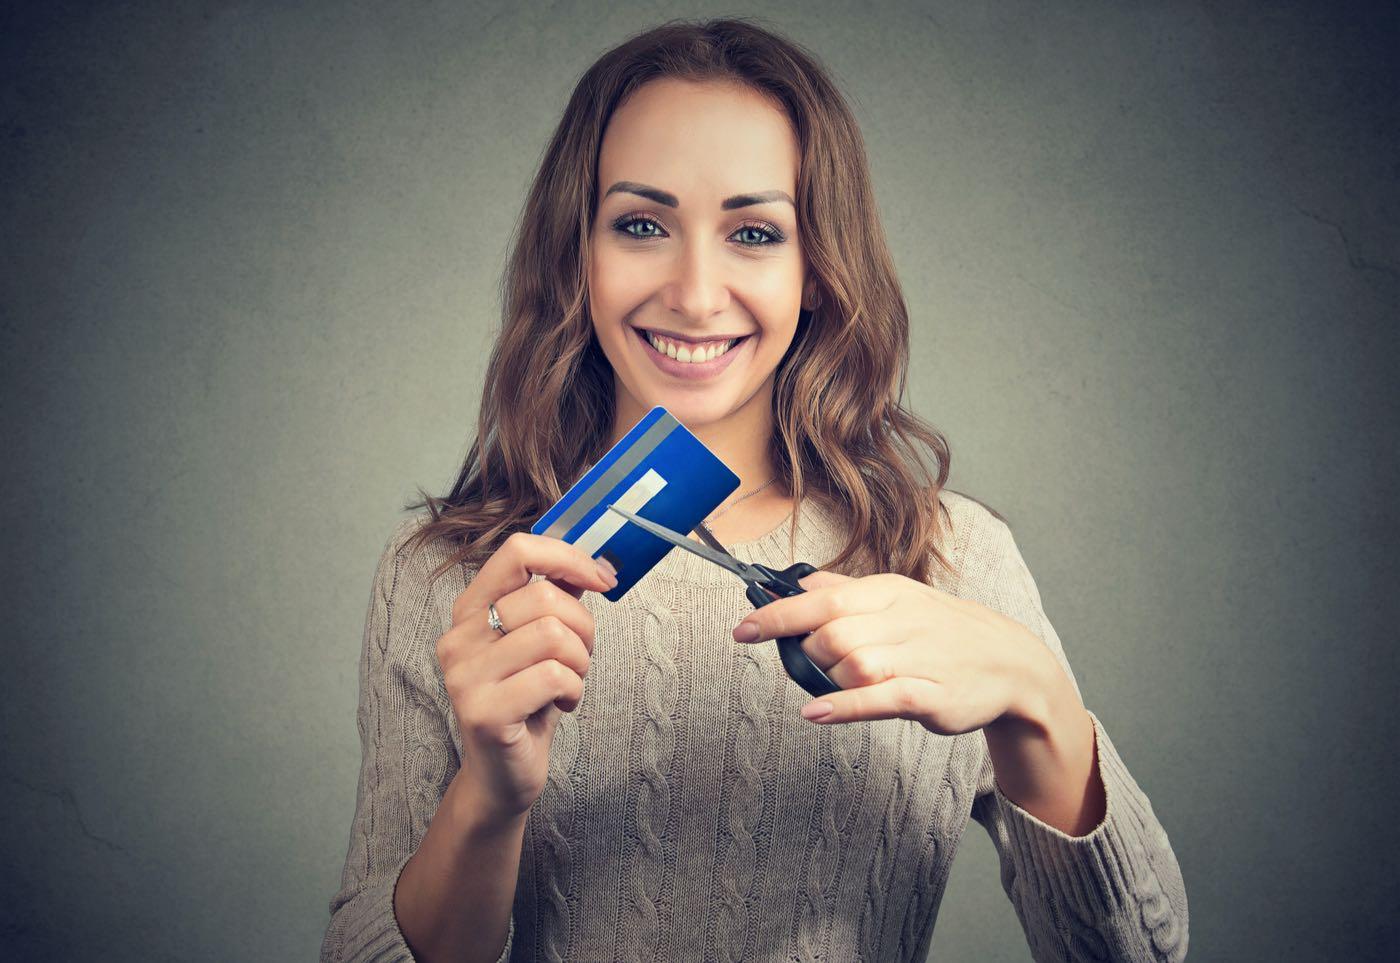 Debify actualmente gestiona cancelaciones de deudas por valor superior al millón de euros mensual.